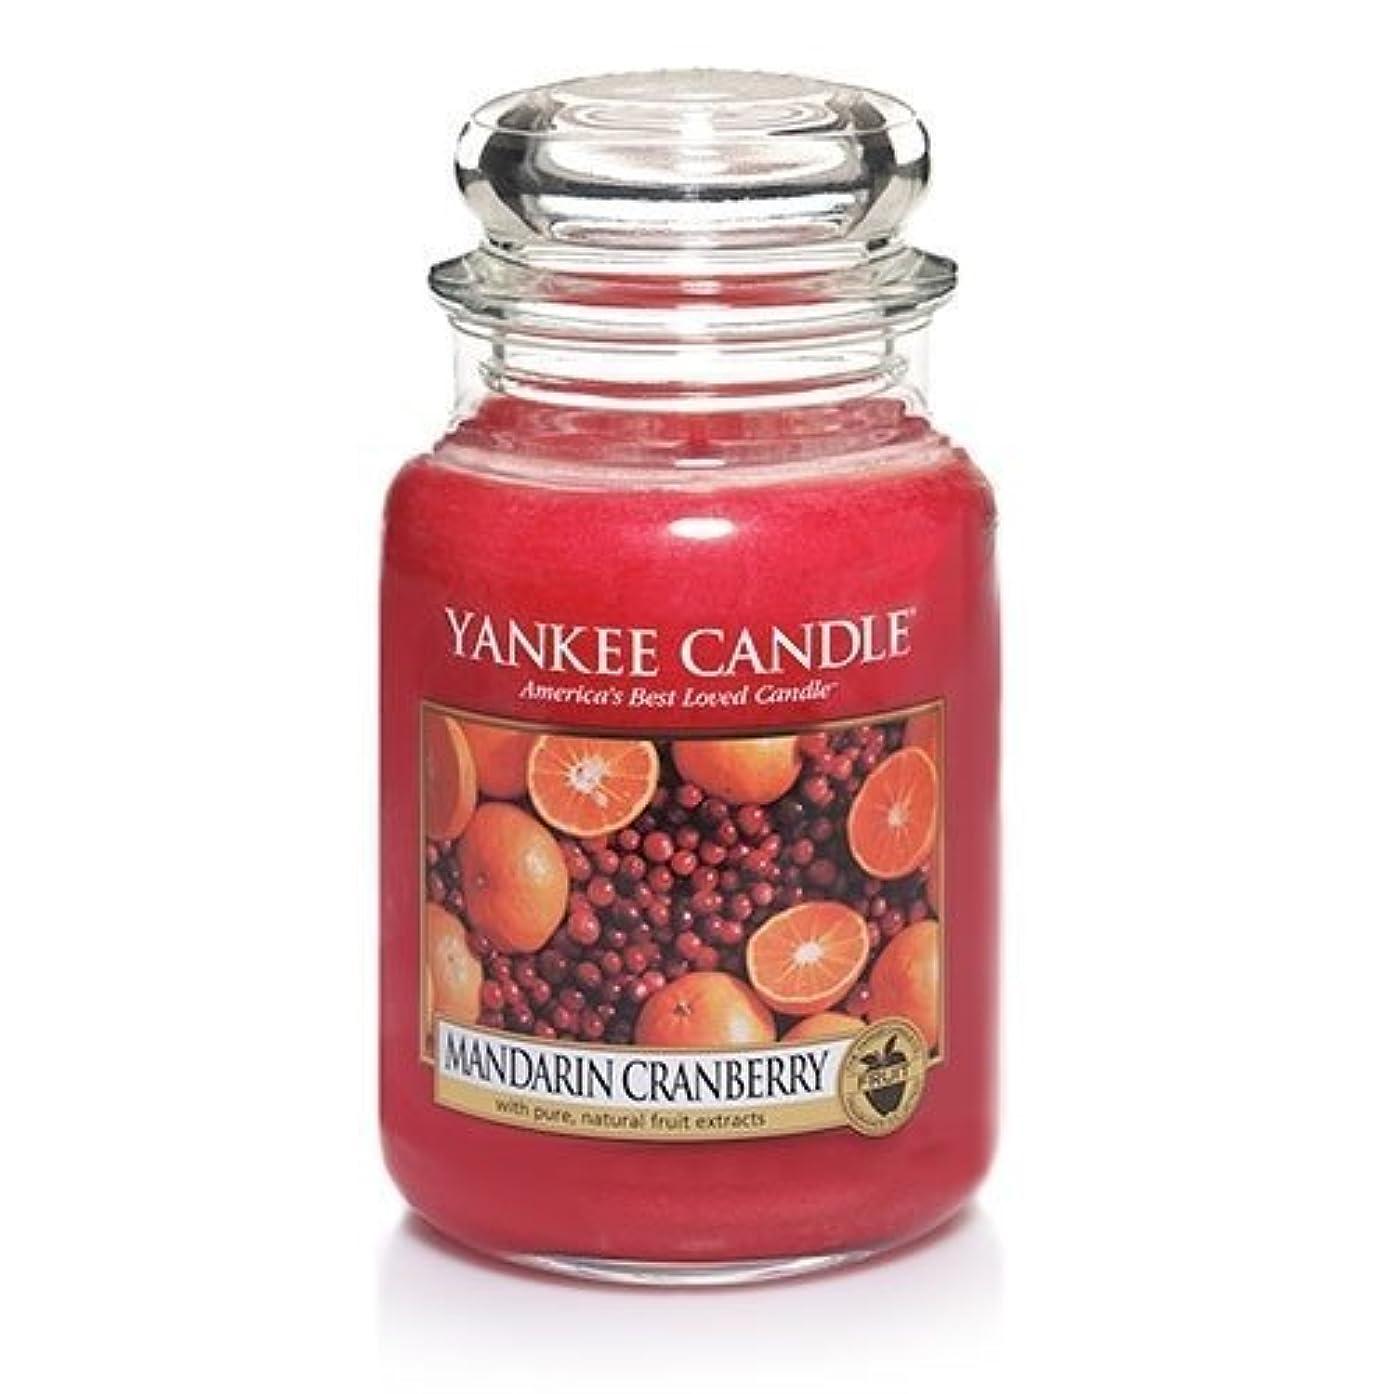 勃起社会科枯渇するMandarin Cranberry Large Scented Jar by Yankee Candle [並行輸入品]